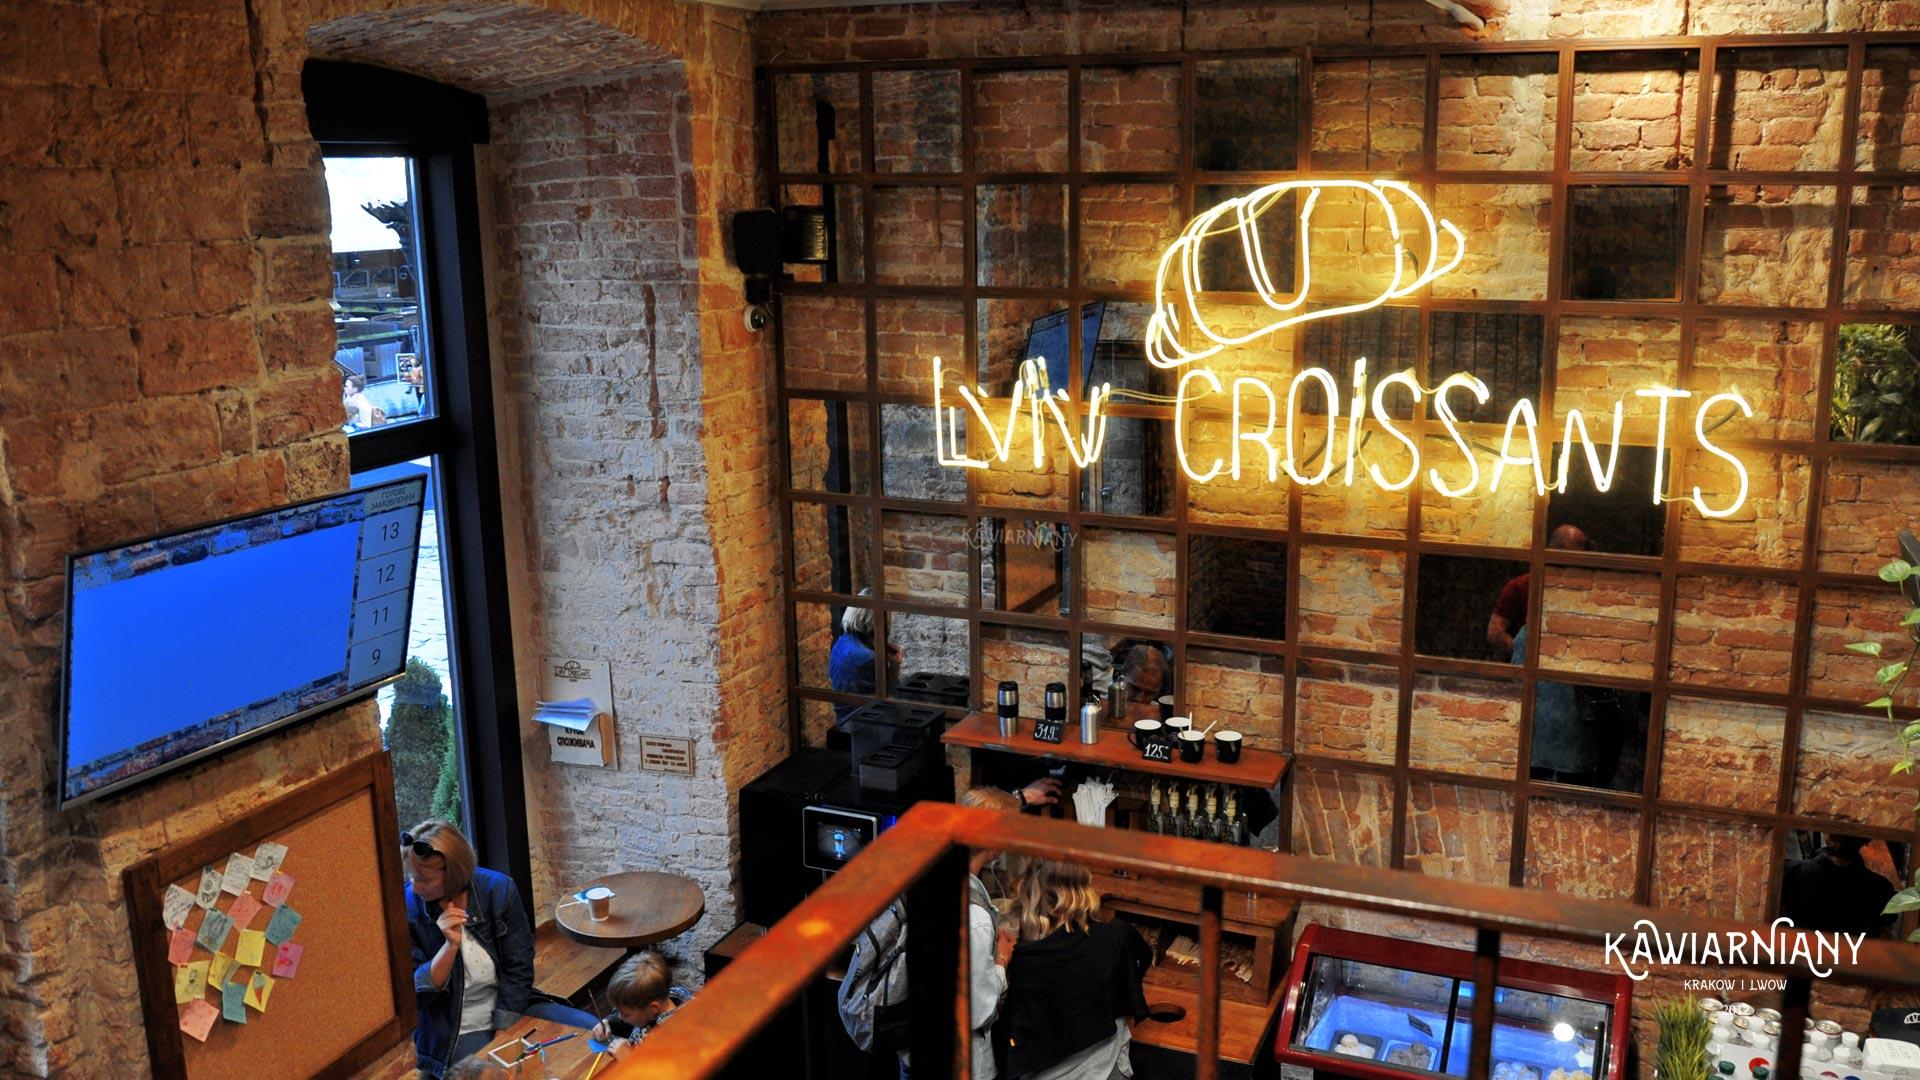 Co i gdzie jeść we Lwowie? Lviv Croissants – tanie i smaczne rogaliki